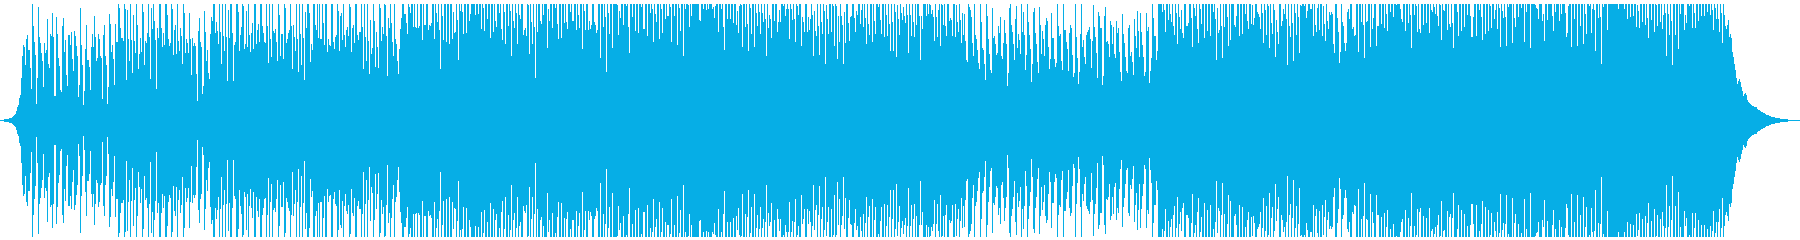 感動と高揚ポップコーポレートの再生済みの波形